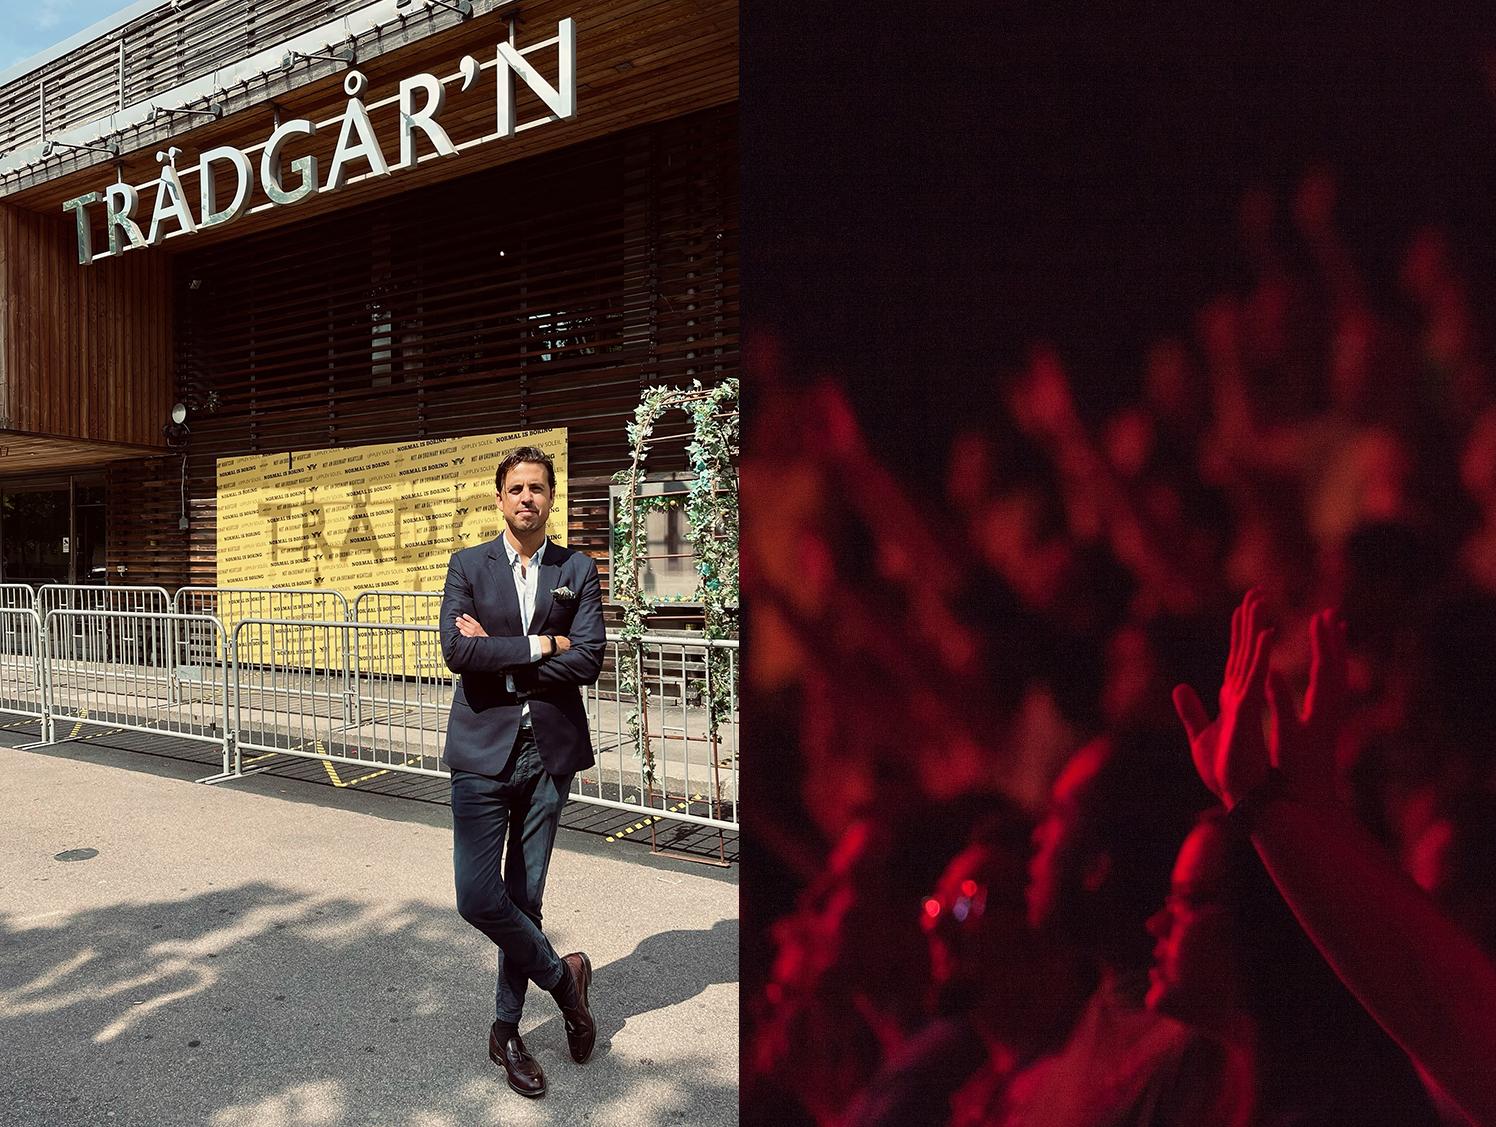 Daniel Tervaniemi står utanför entrén till Trädgår'n. Till höger syns en publikbild.